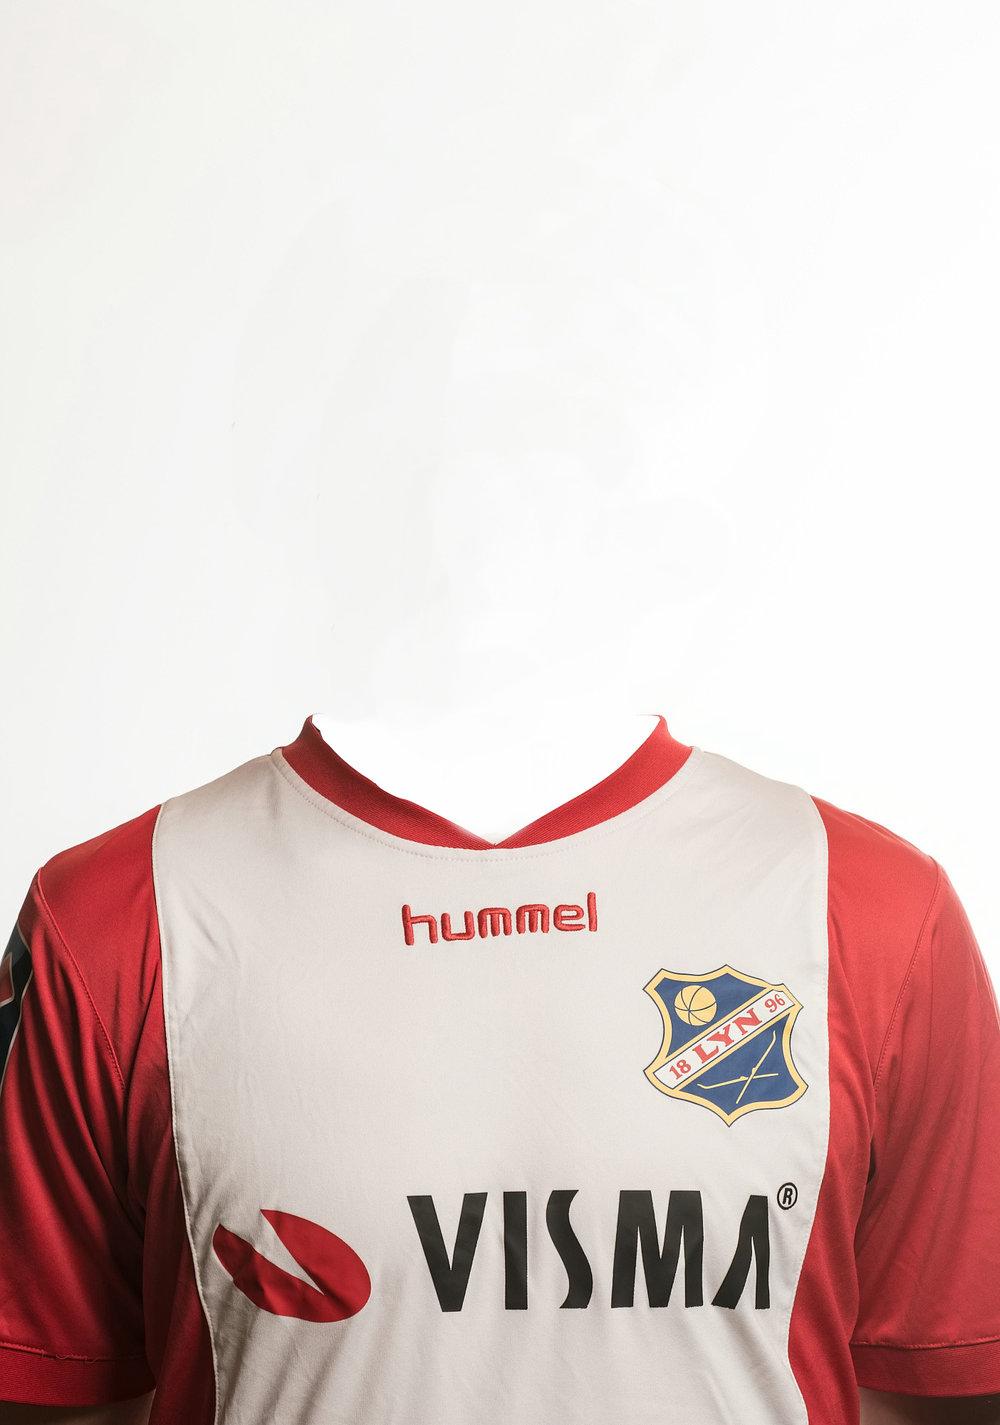 - Bilde kommerTidligere klubber: Egen junioravdeling, Lyn, GrorudPosisjon: ForsvarKom til Lyn: 2011 / 2018